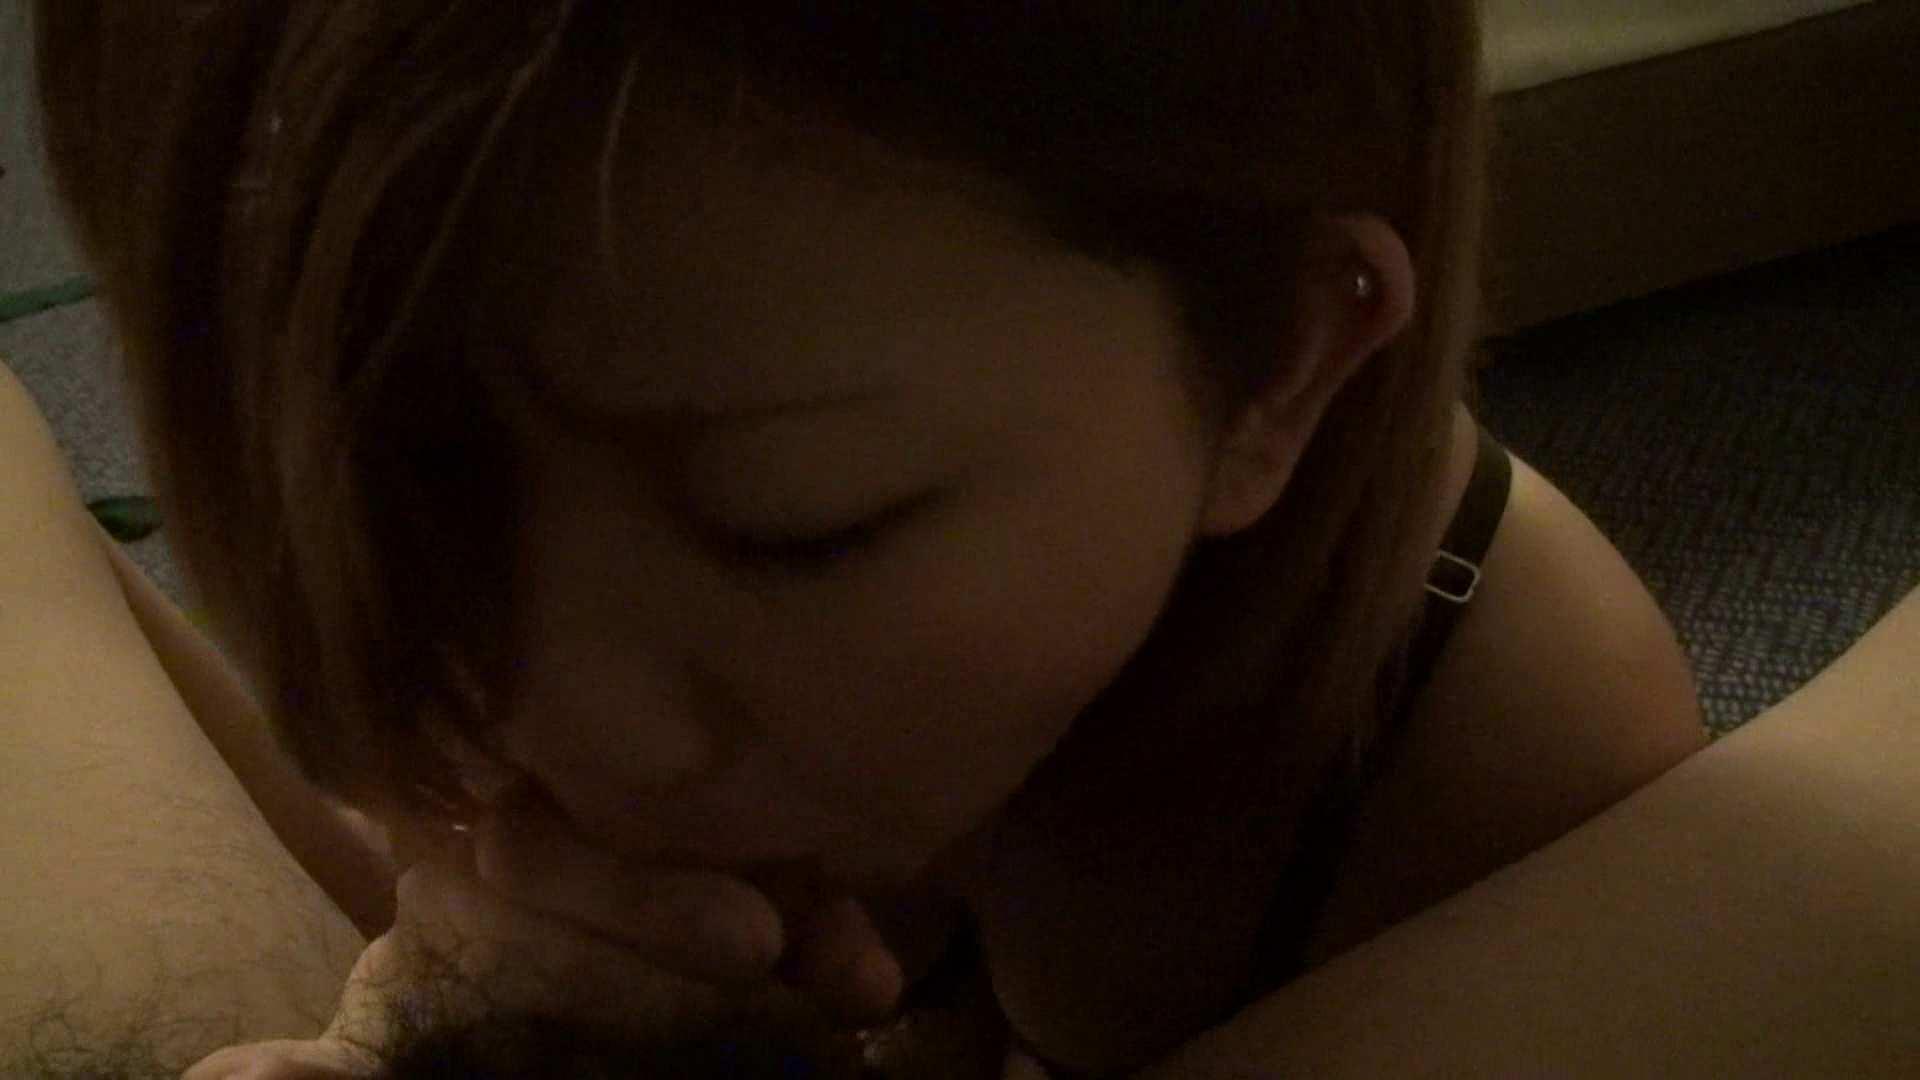 【悪戯の前】大助さんとの初めての撮影(まれまでと違って本人の意思としては・・・) ドキュメント | 悪戯  96枚 67